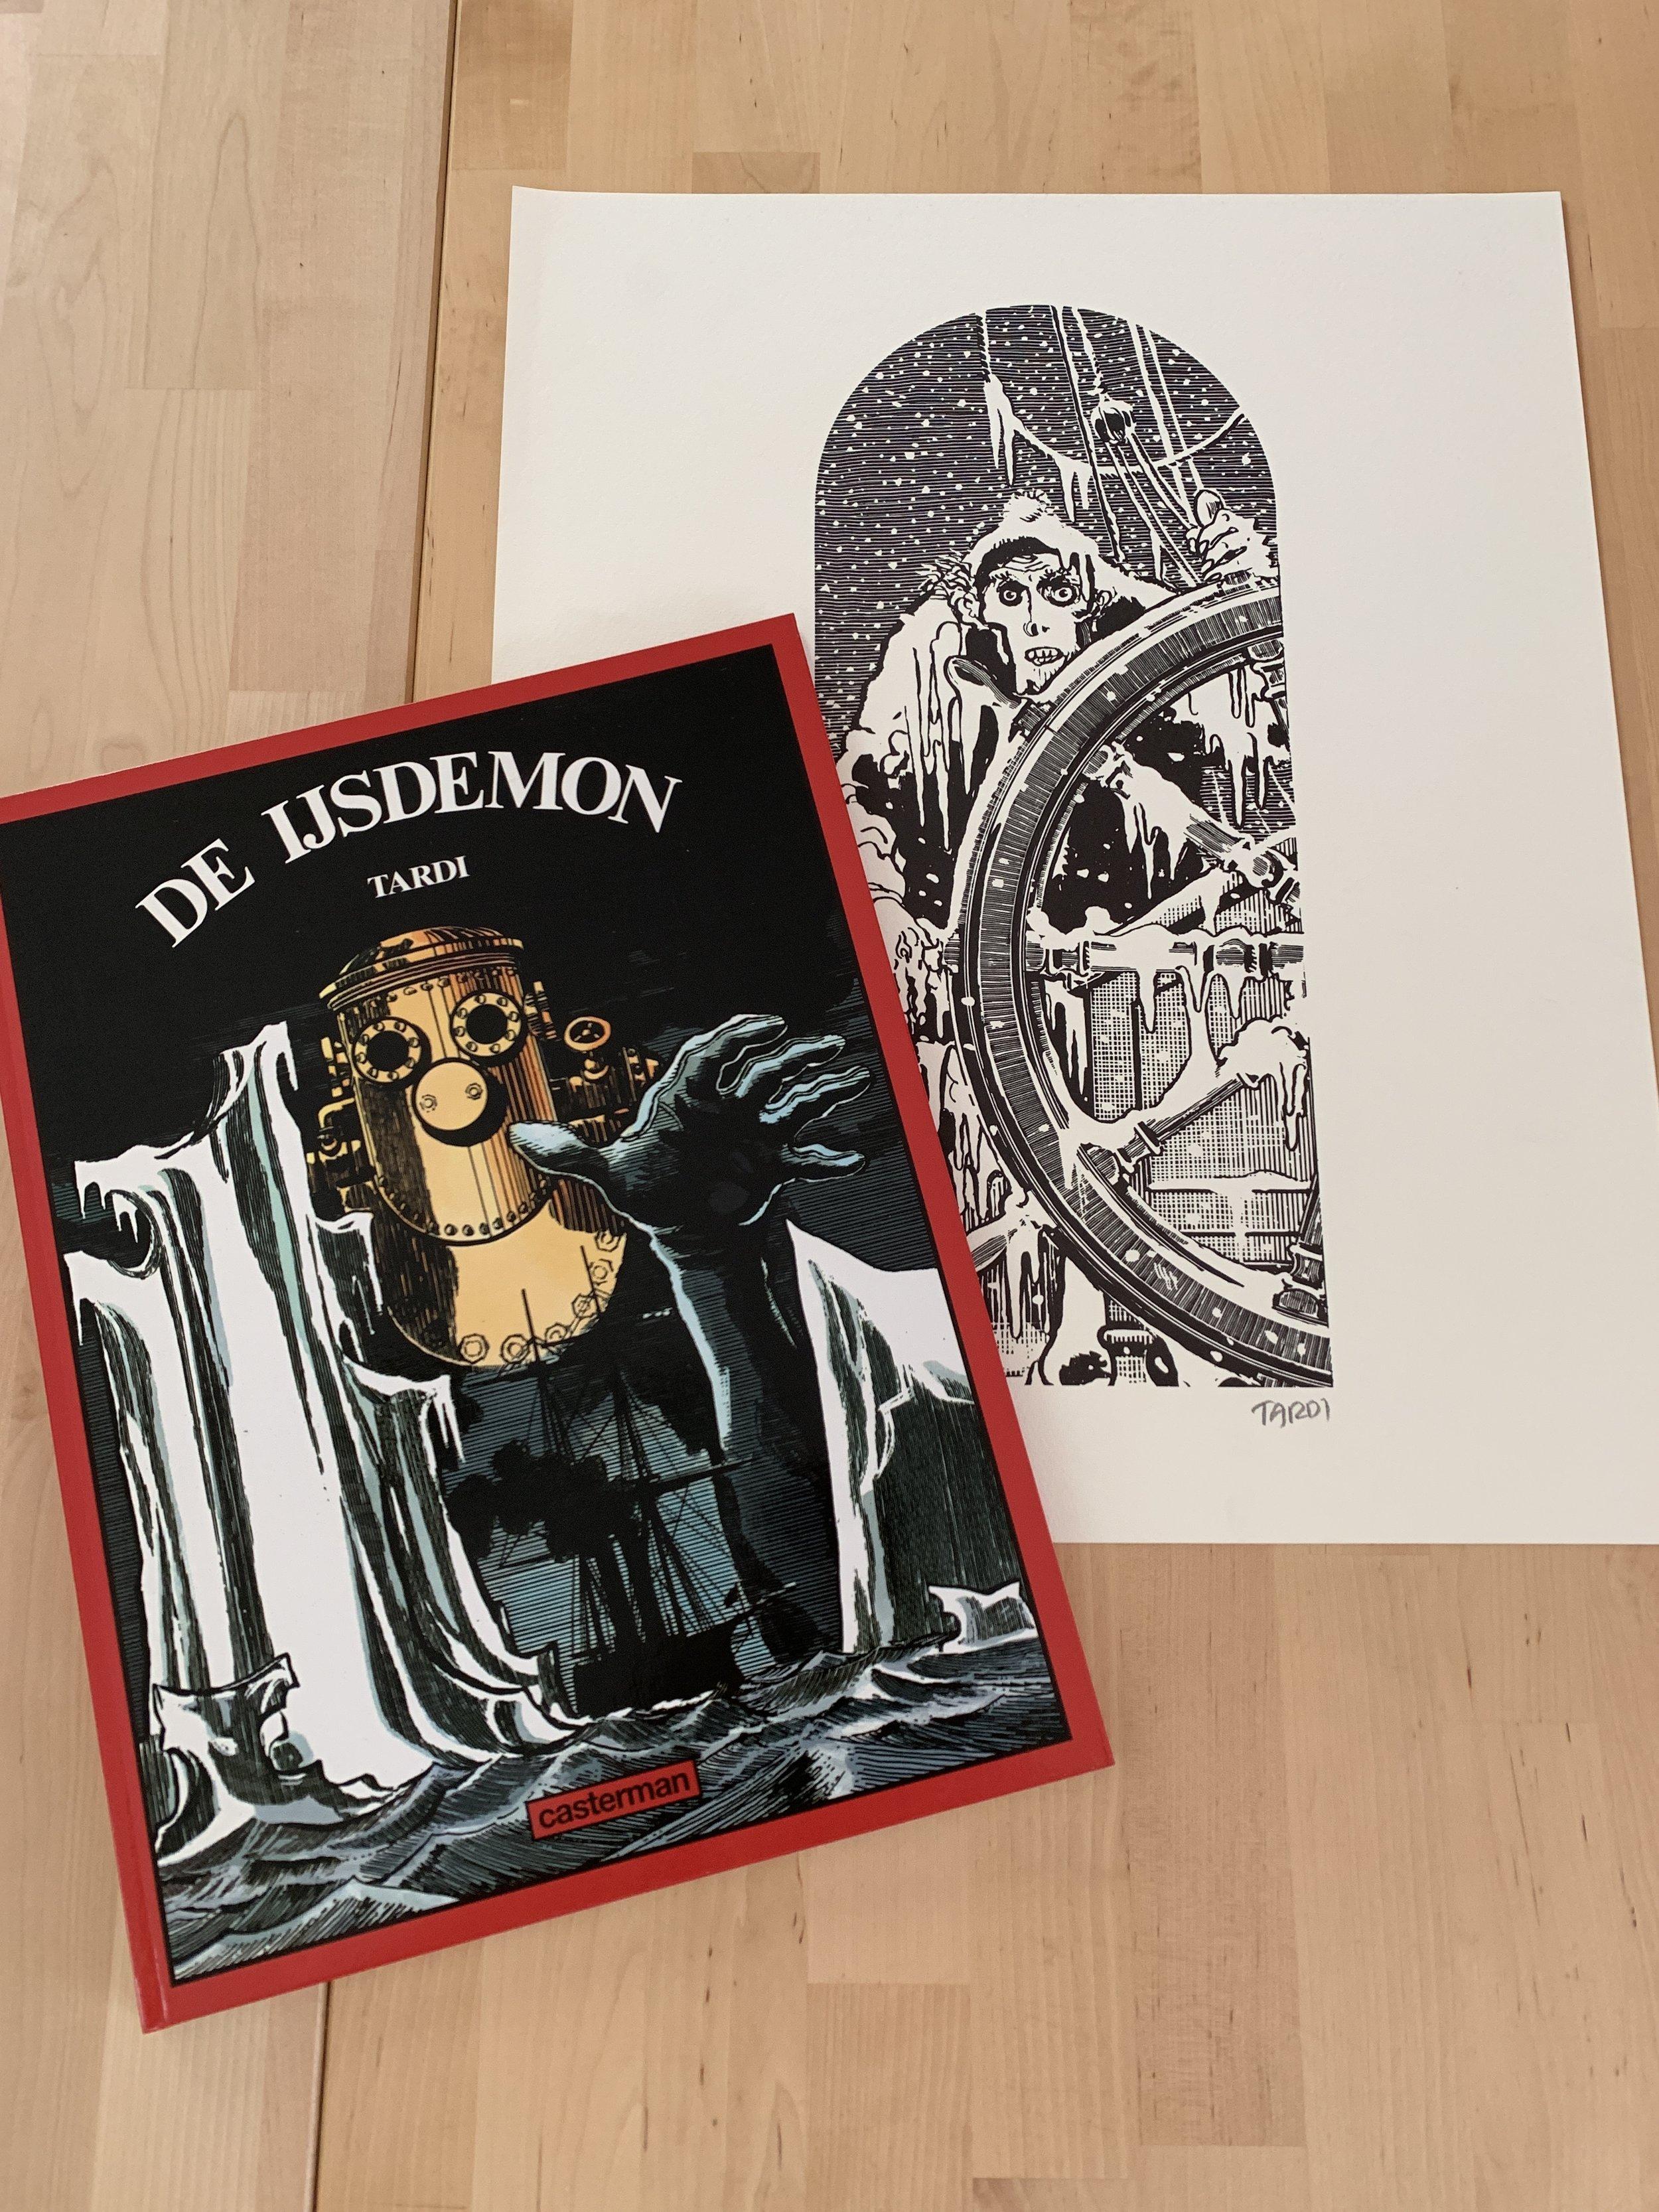 De IJsdemon - Jaques Tardi  Het eerste echte meesterwerk van Tardi, waarschijnlijk gebaseerd op de legende rond het spookschip Octavius, verscheen in 1980 bij uitgeverij Panda. Voor ons jubileum wordt hier de luxe-versie aangeboden, uitgebracht door Casterman in 1995. Dit 24-jarige album werd op 500 ex. gedrukt en voorzien van een prachtige ex-libris (genummerd en gesigneerd) op A3-formaat.